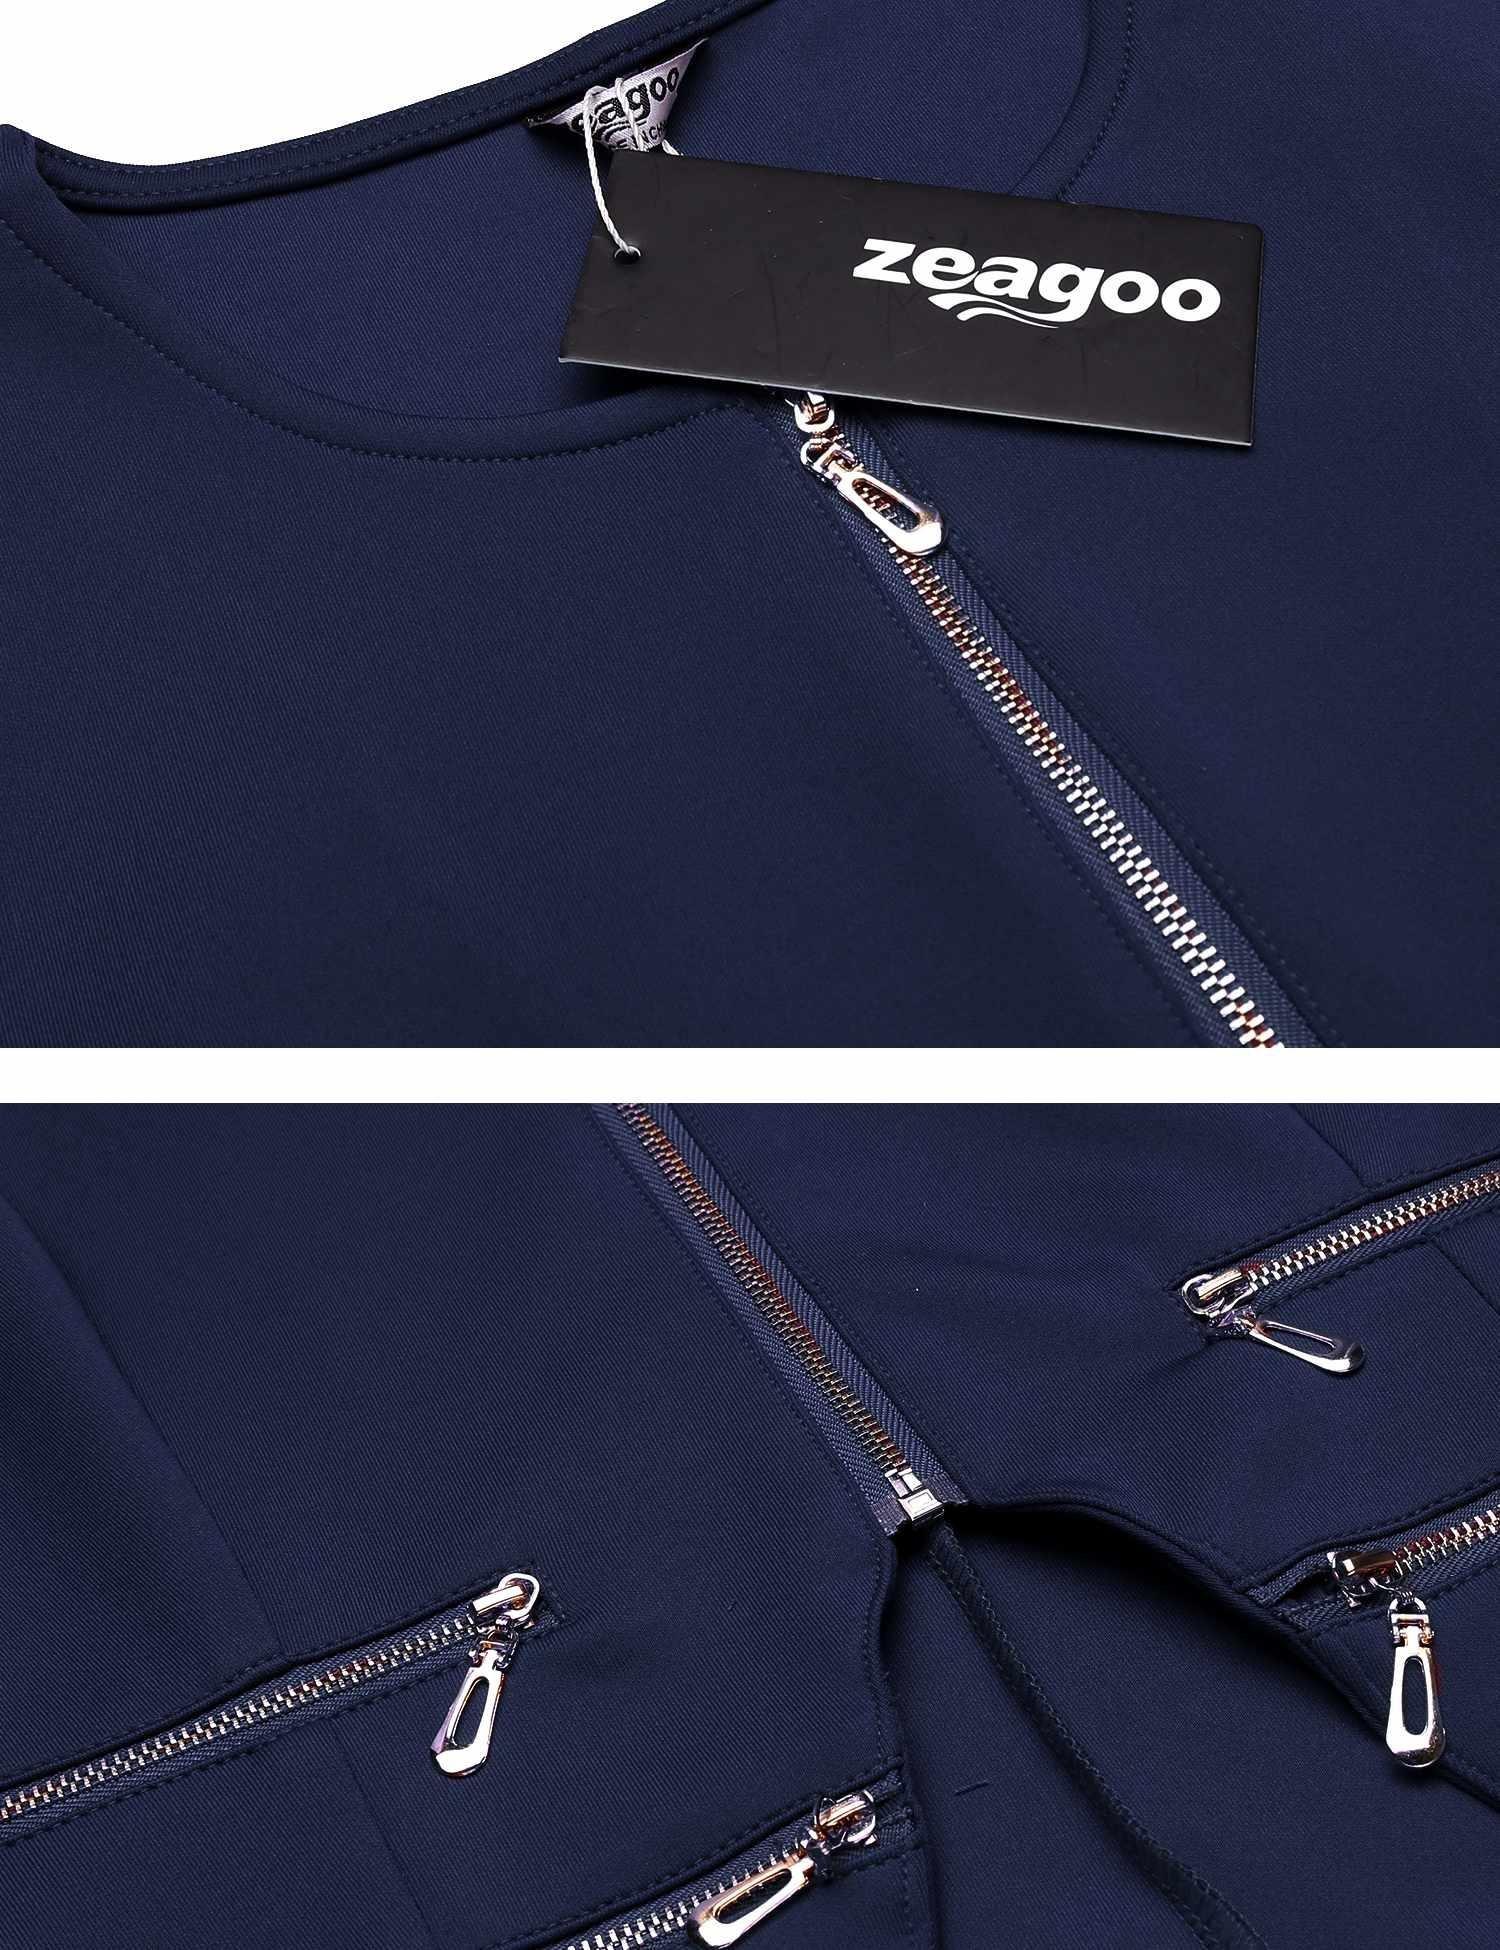 Zeagoo Women's Casual Zipper Cardigan Blazer O Neck Slim Fitted Office Jacket (L, Navy Blue) by Zeagoo (Image #6)